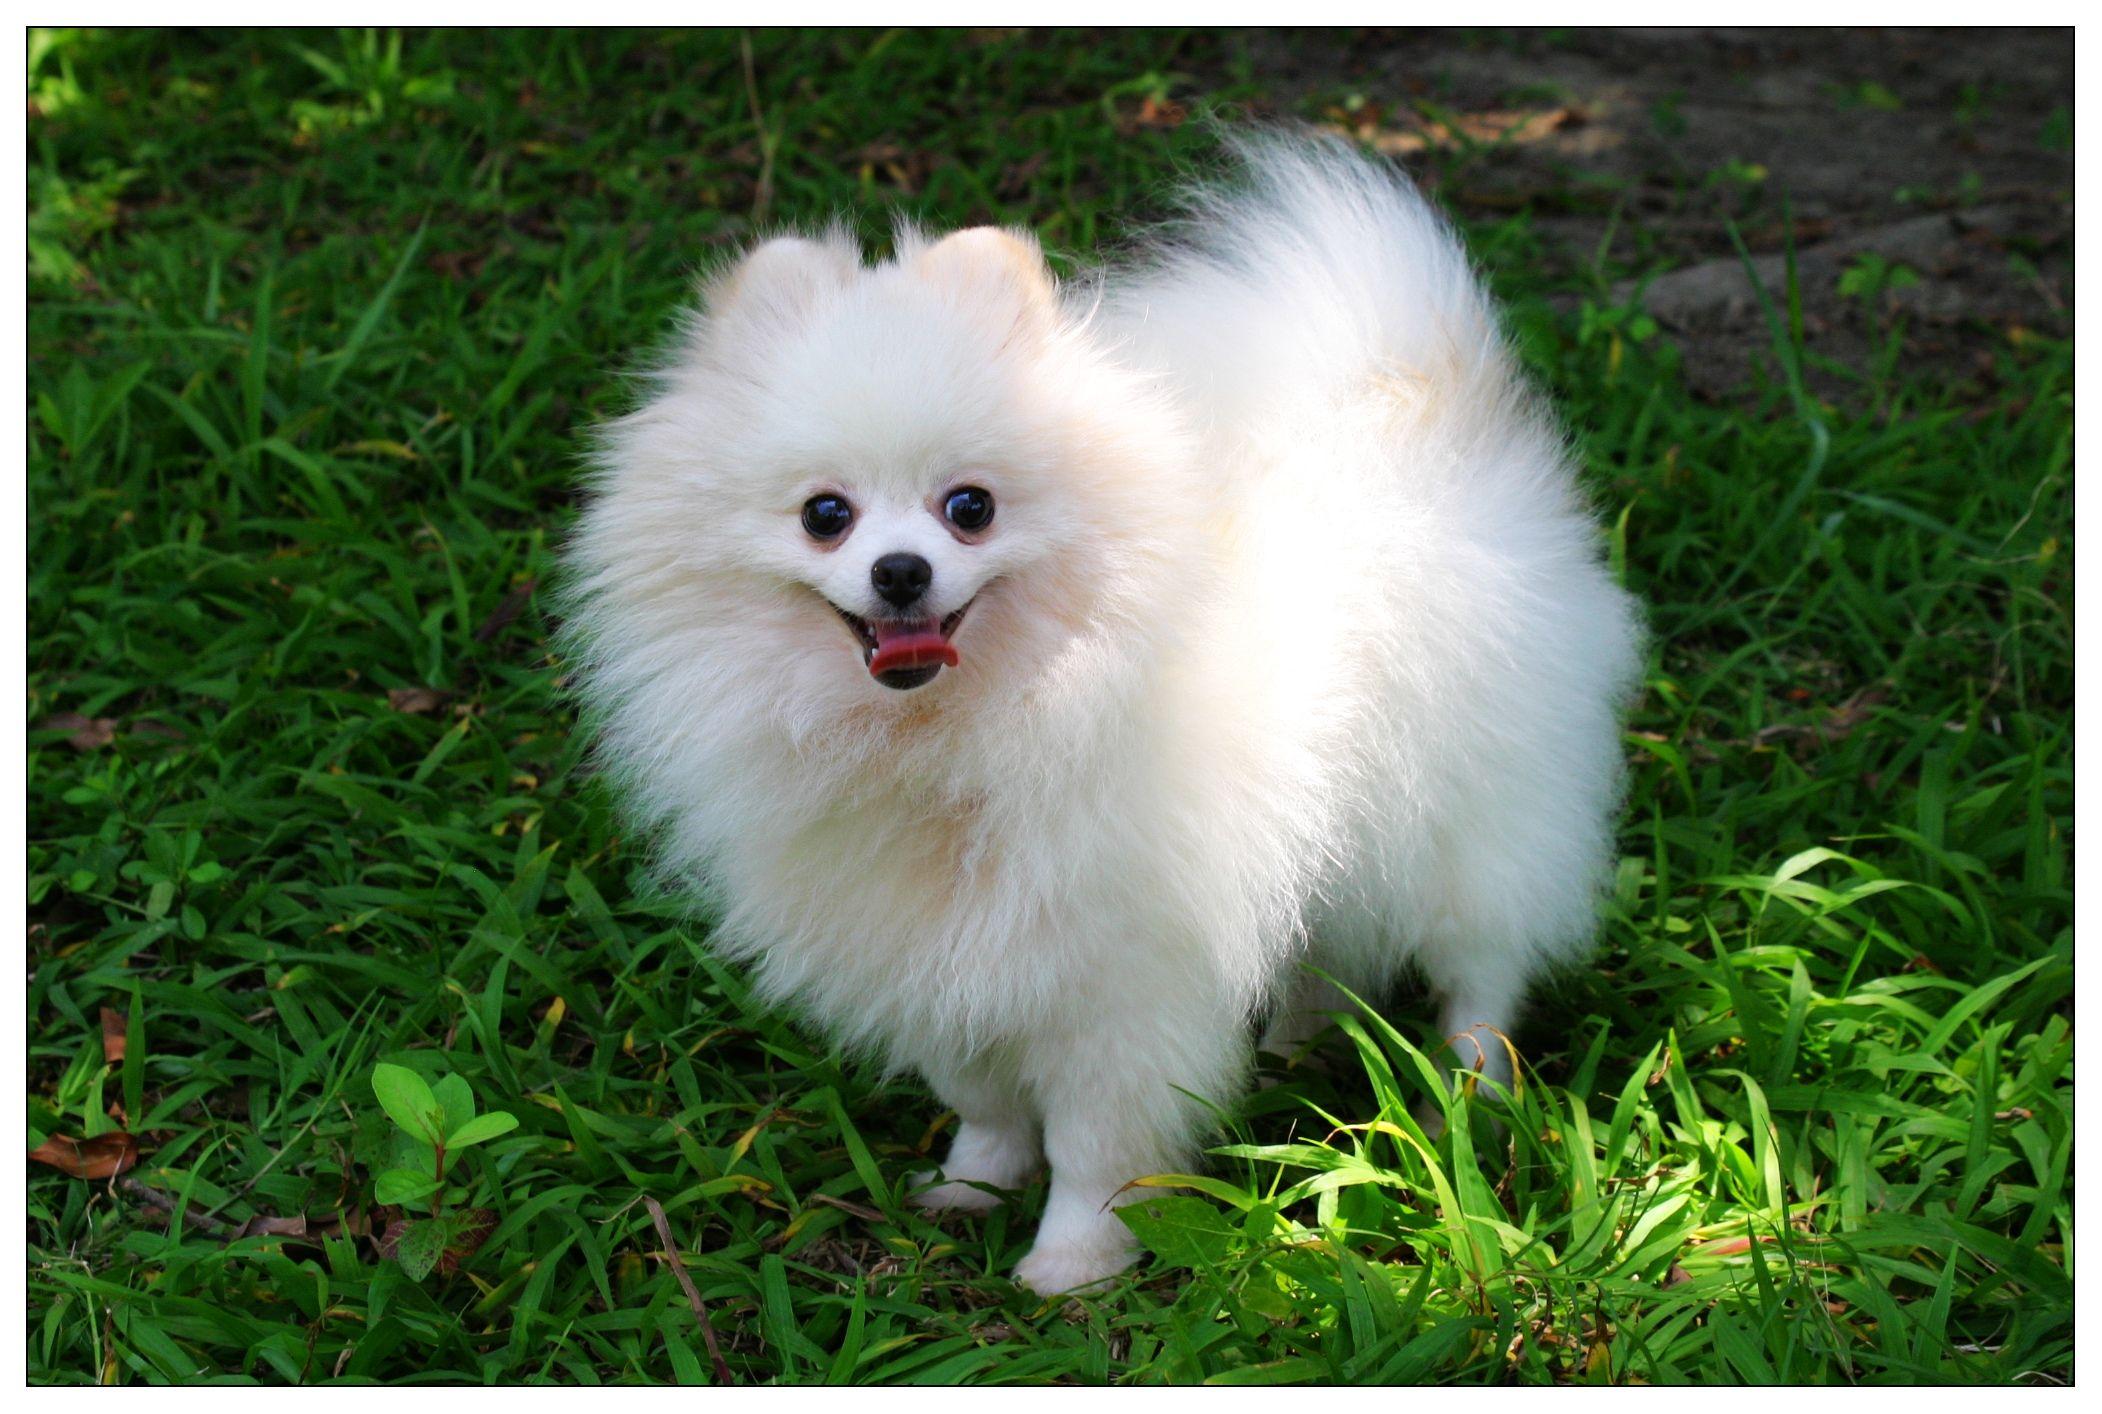 A fluffy white Pomeranian | Pomeranian | Pinterest